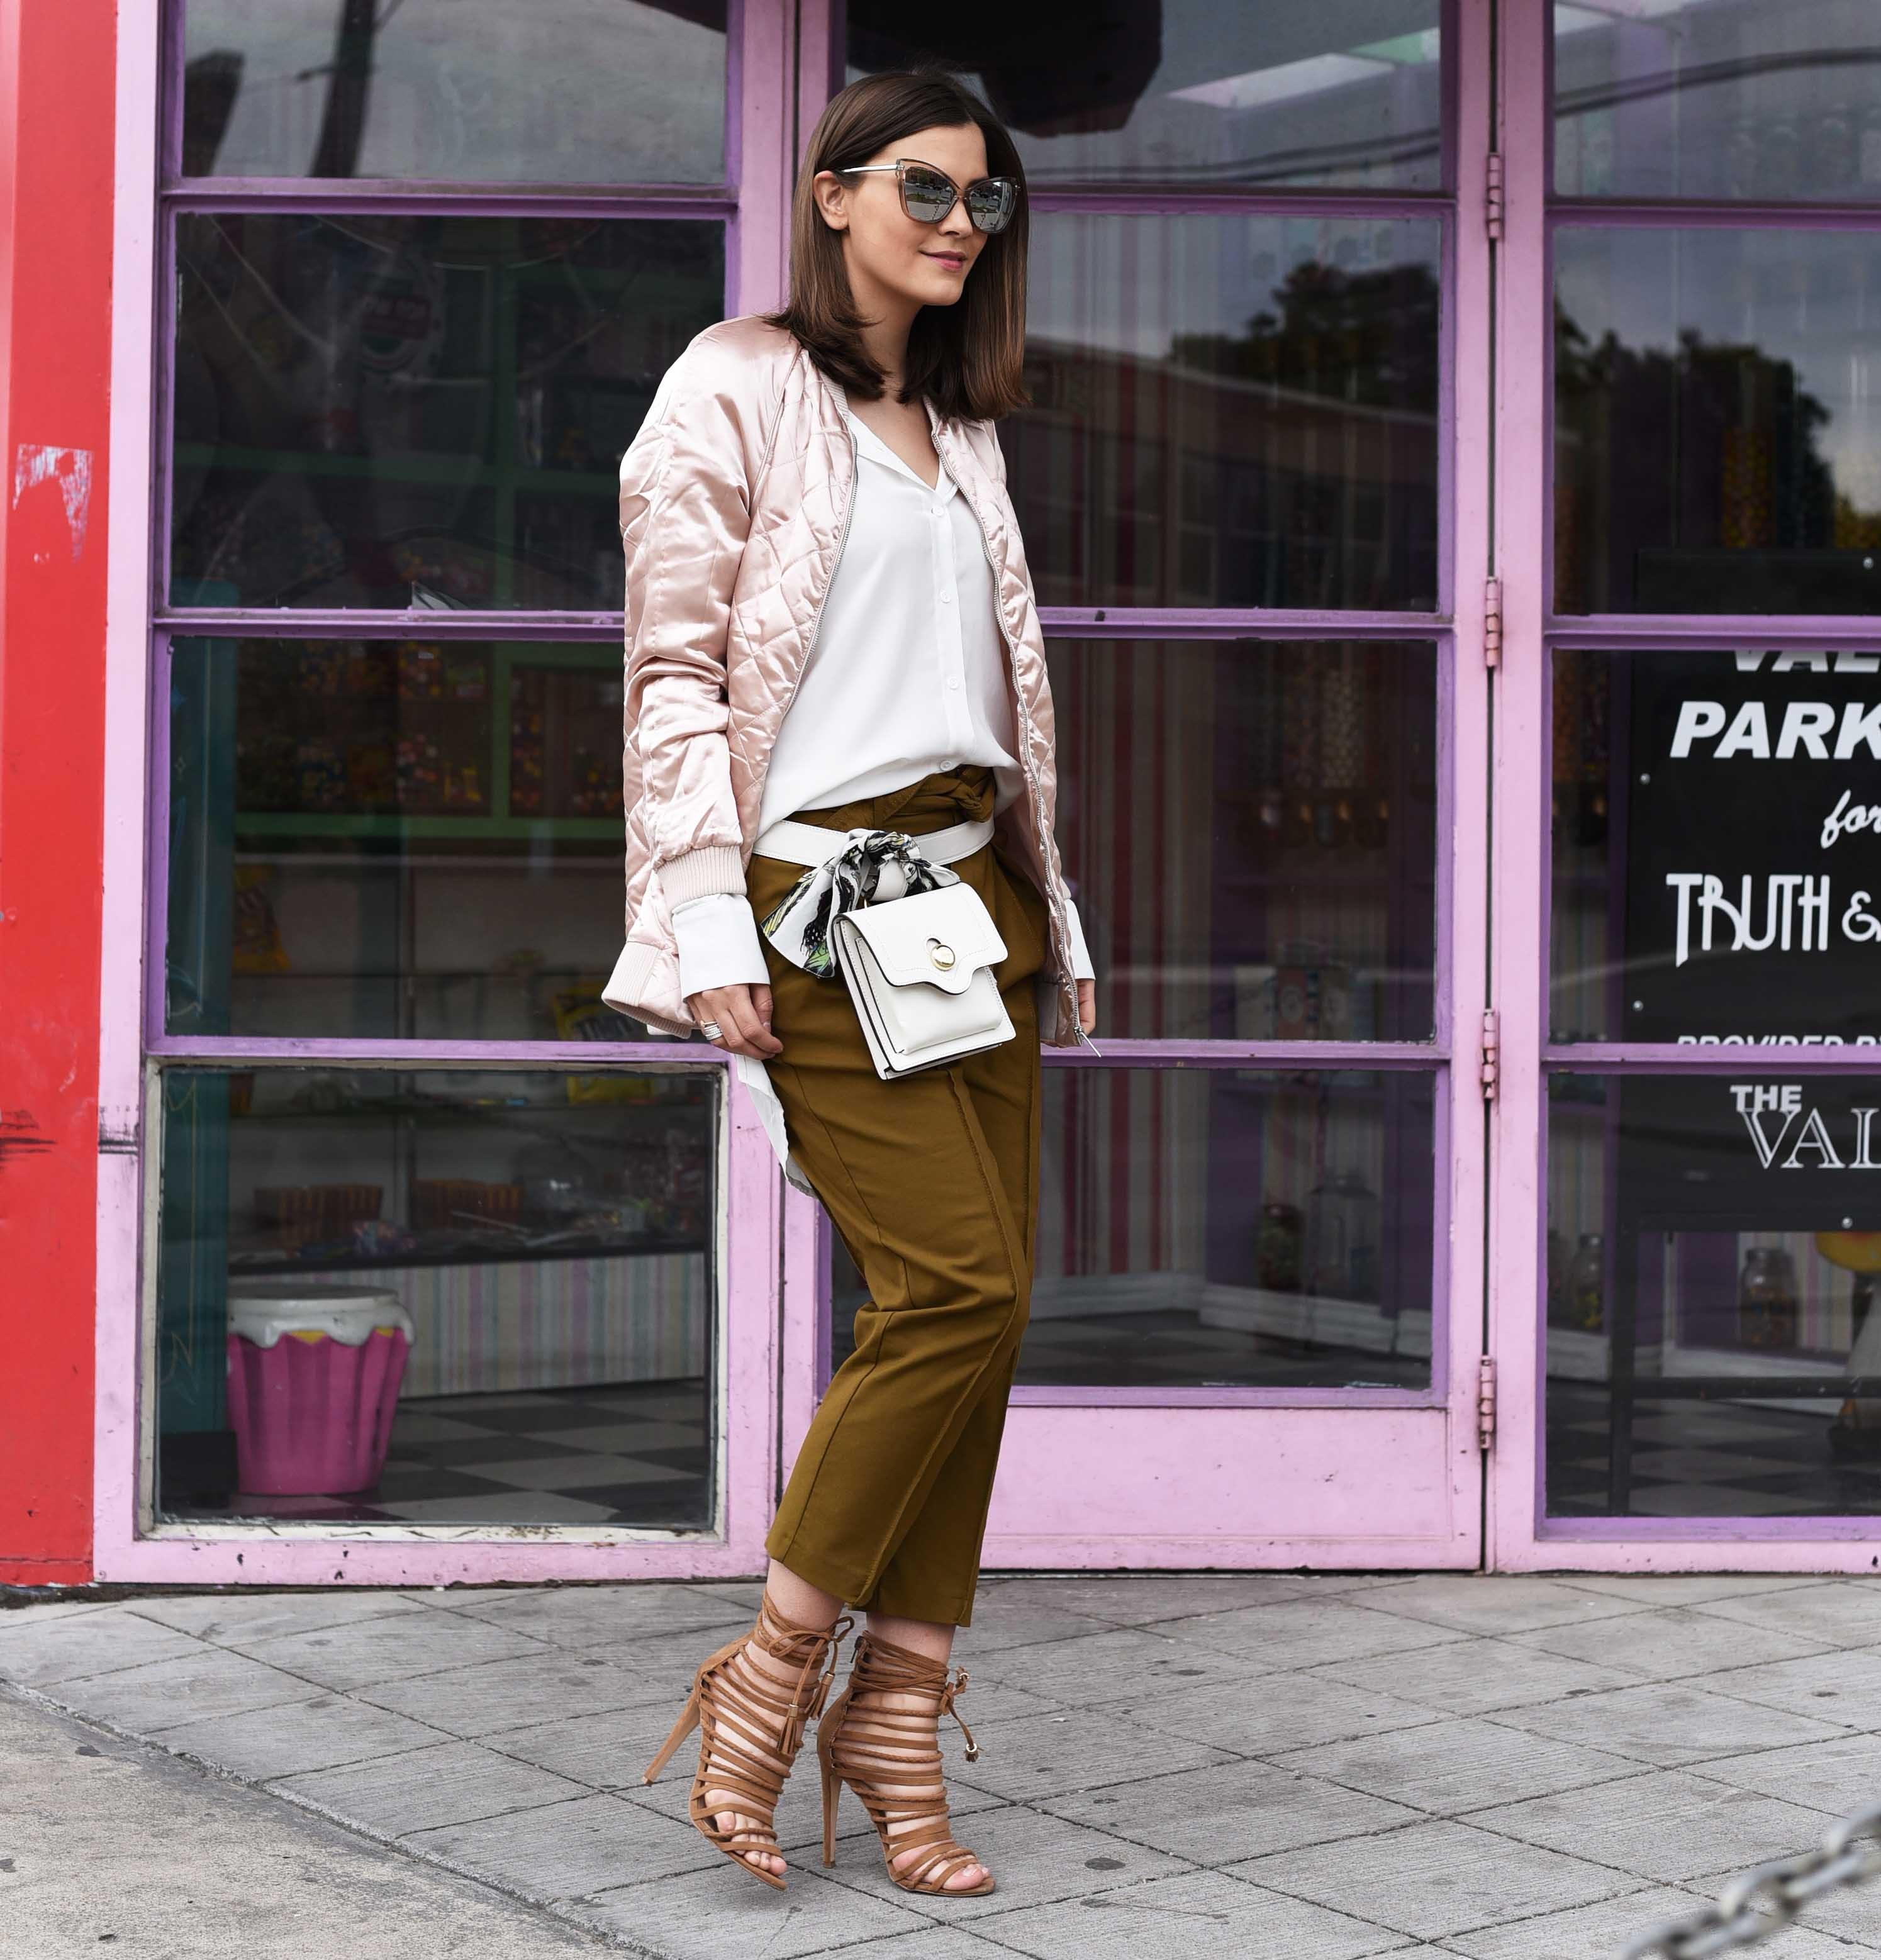 fashiioncarpet-nina-schwichtenberg-bloggerin